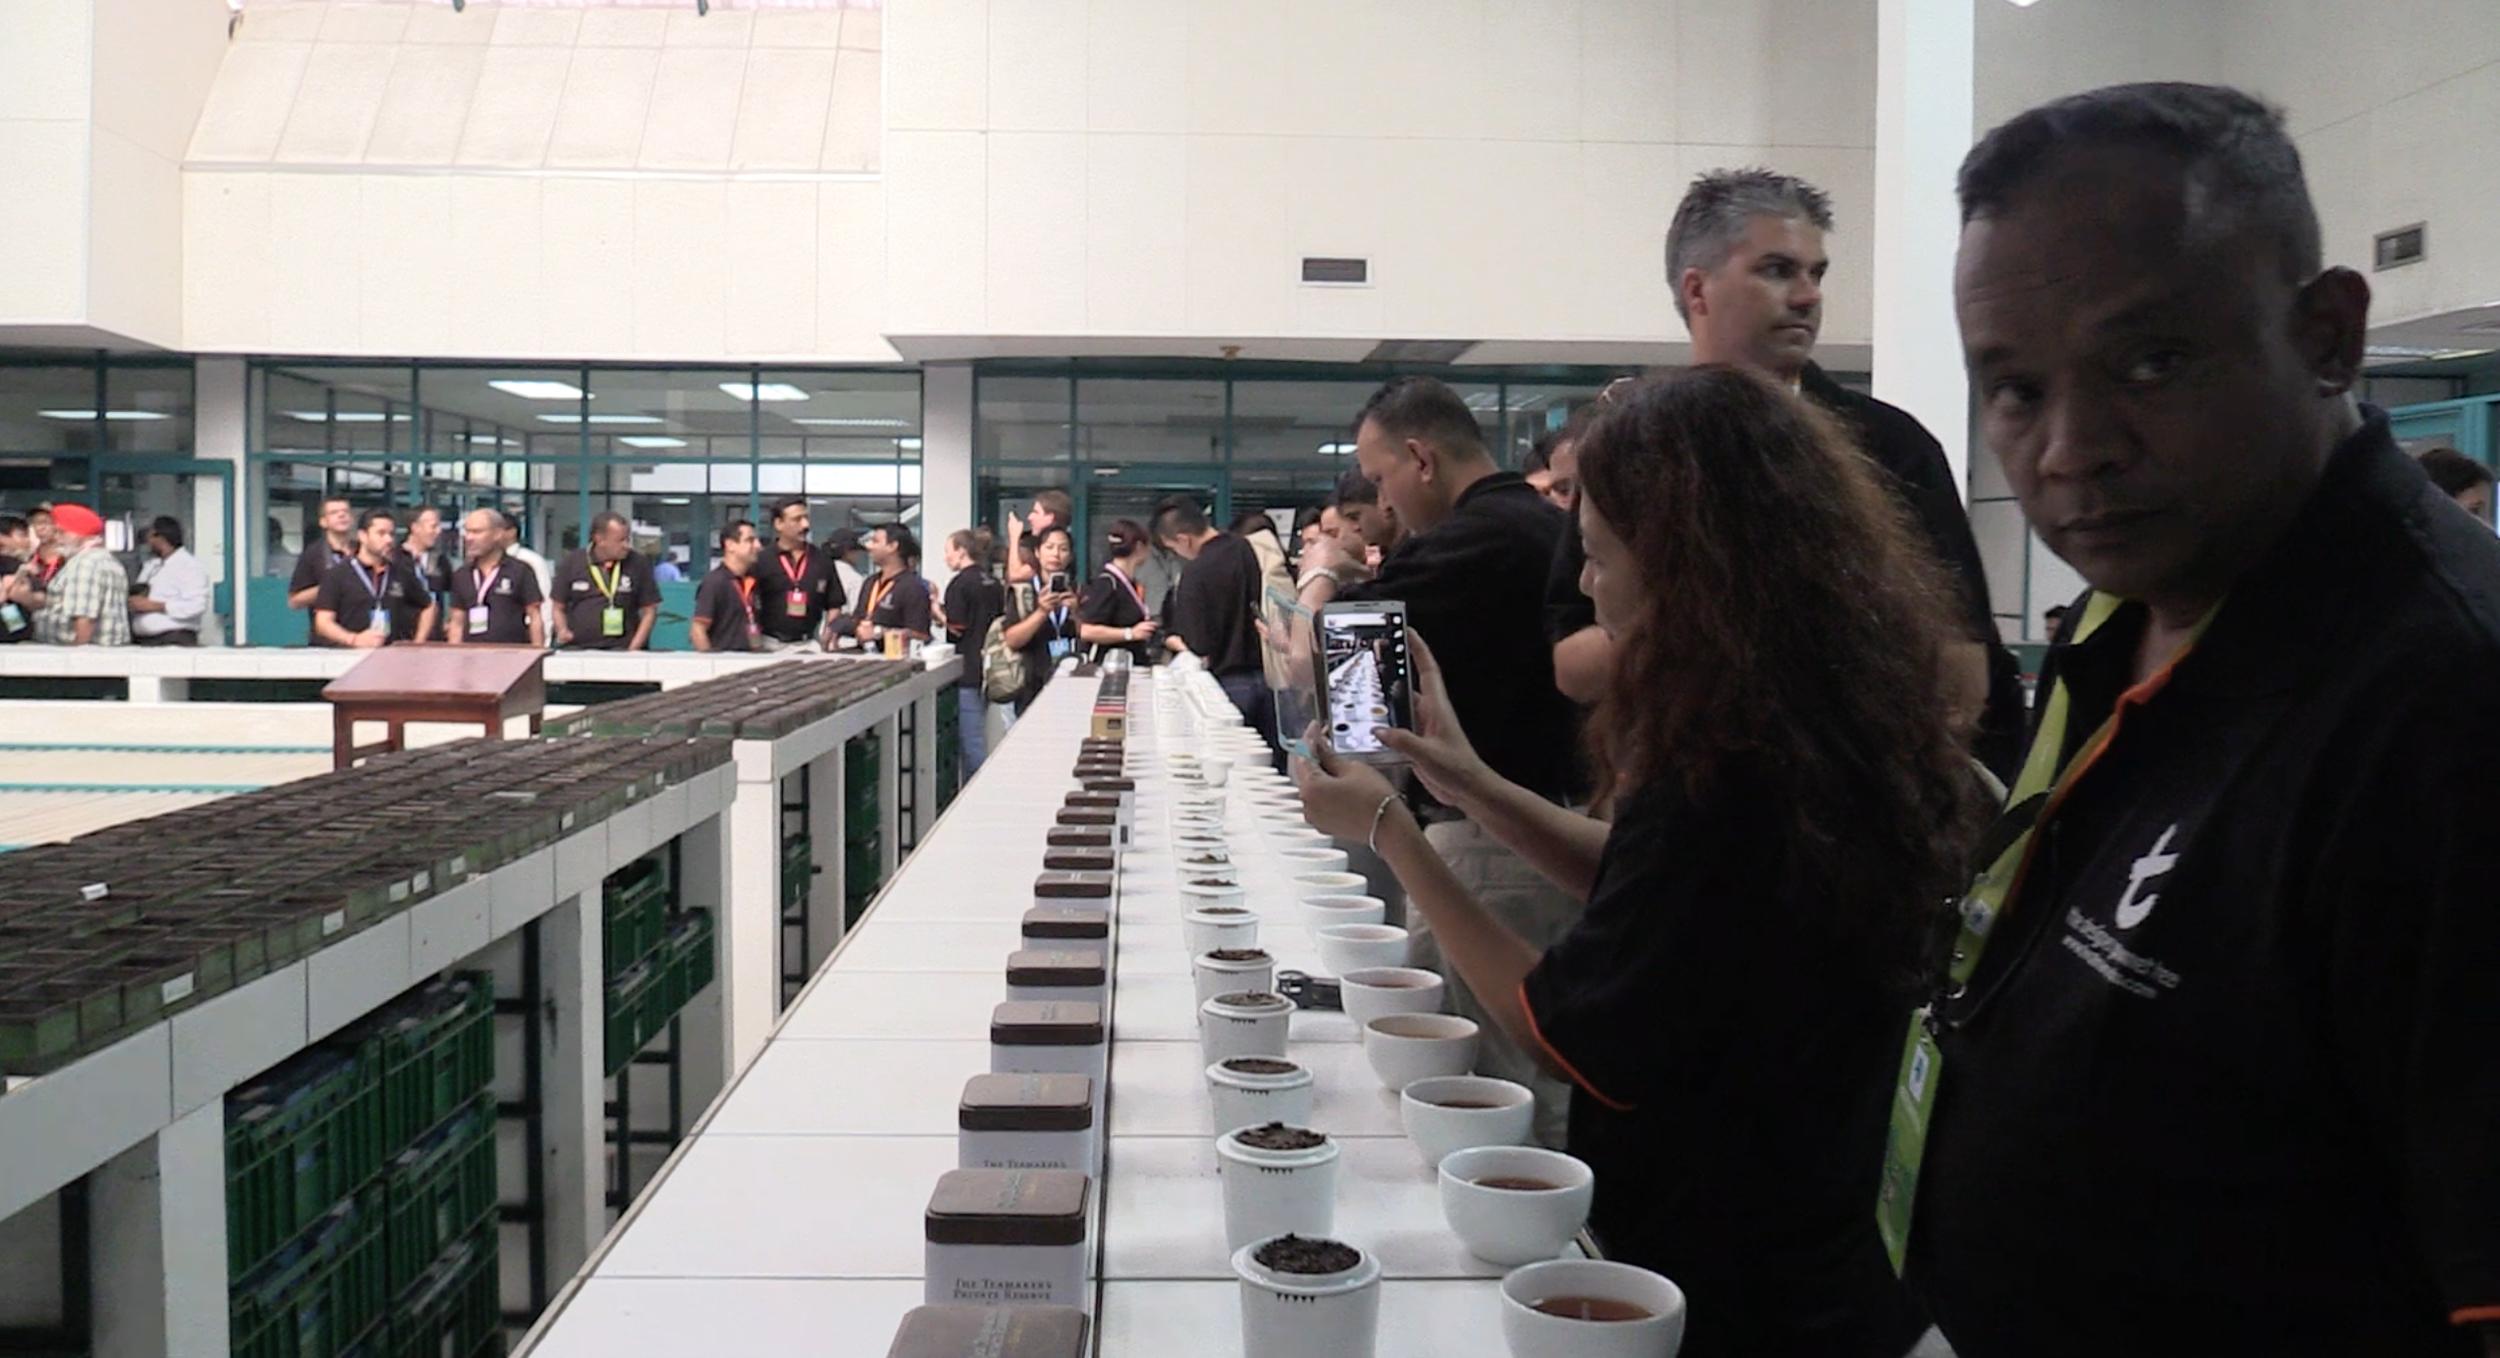 Various teas on display